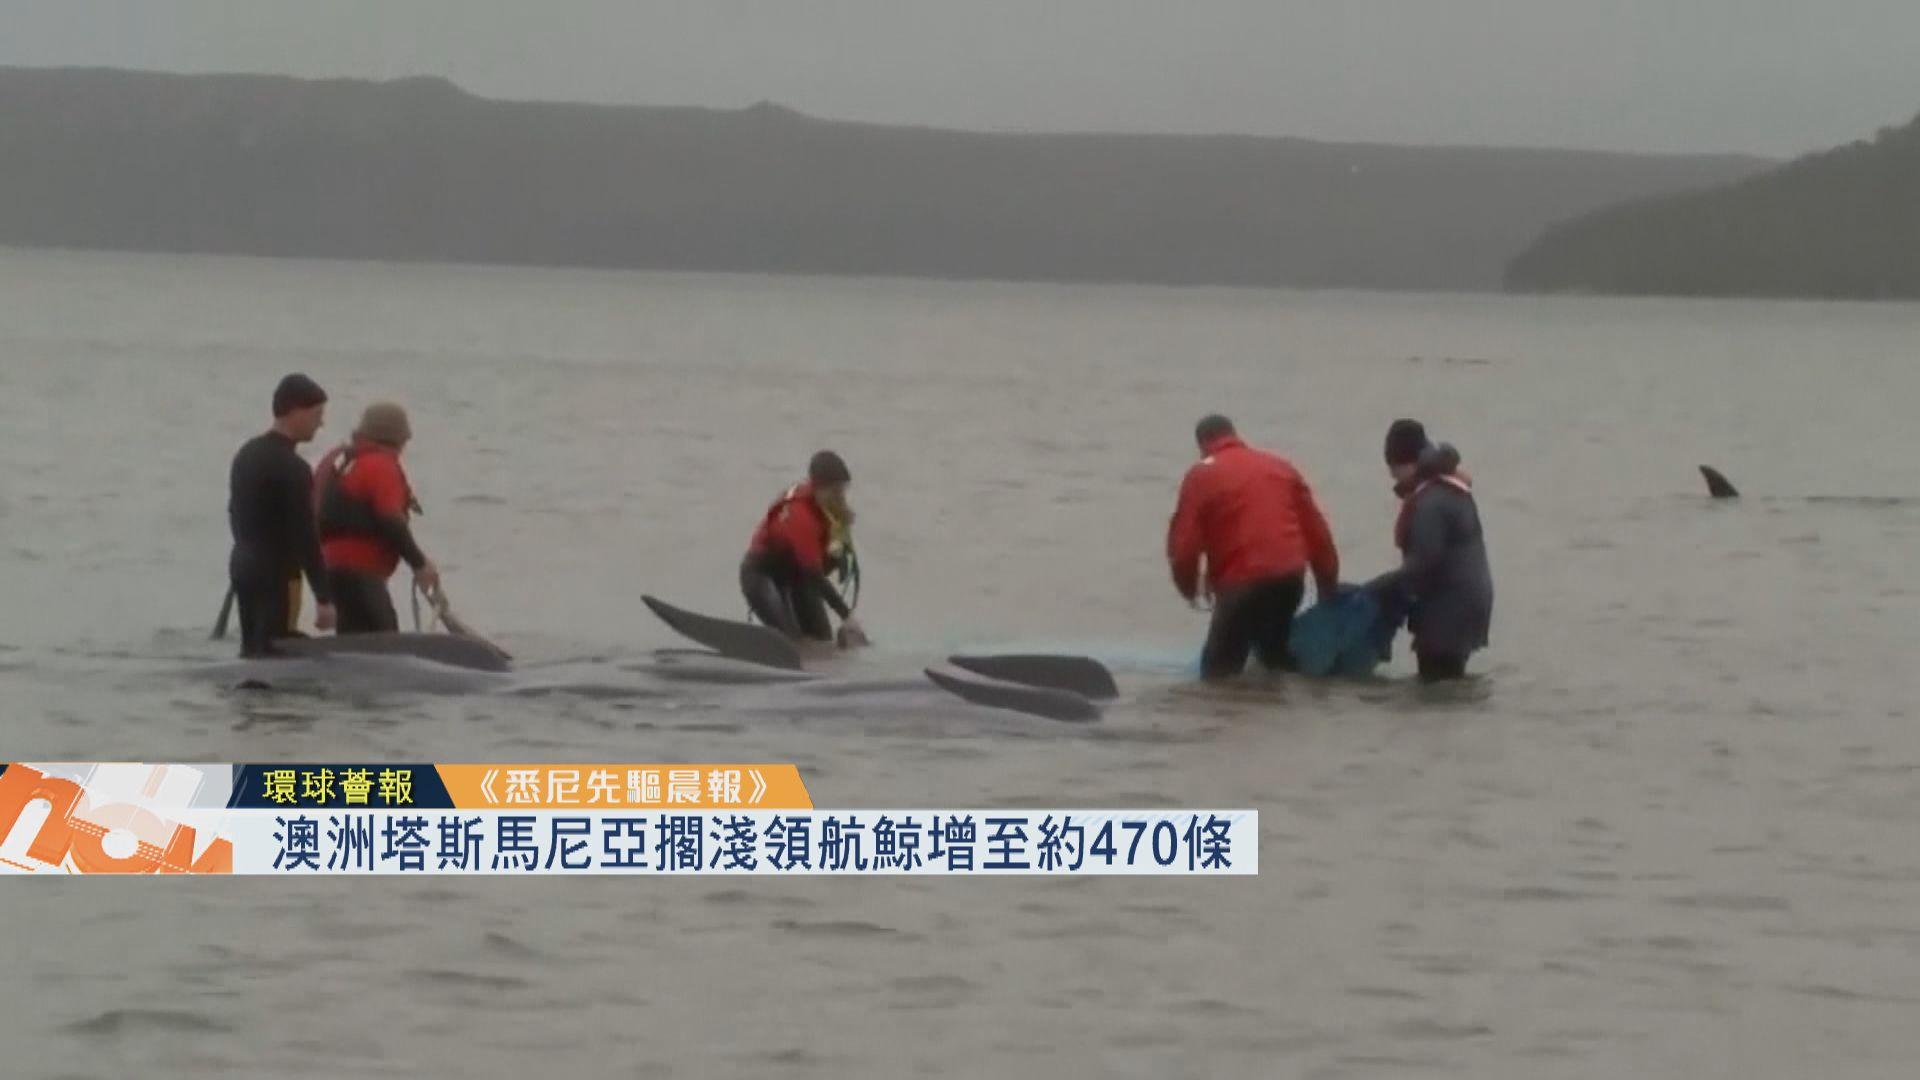 【環球薈報】澳洲塔斯馬尼亞擱淺領航鯨增至約470條